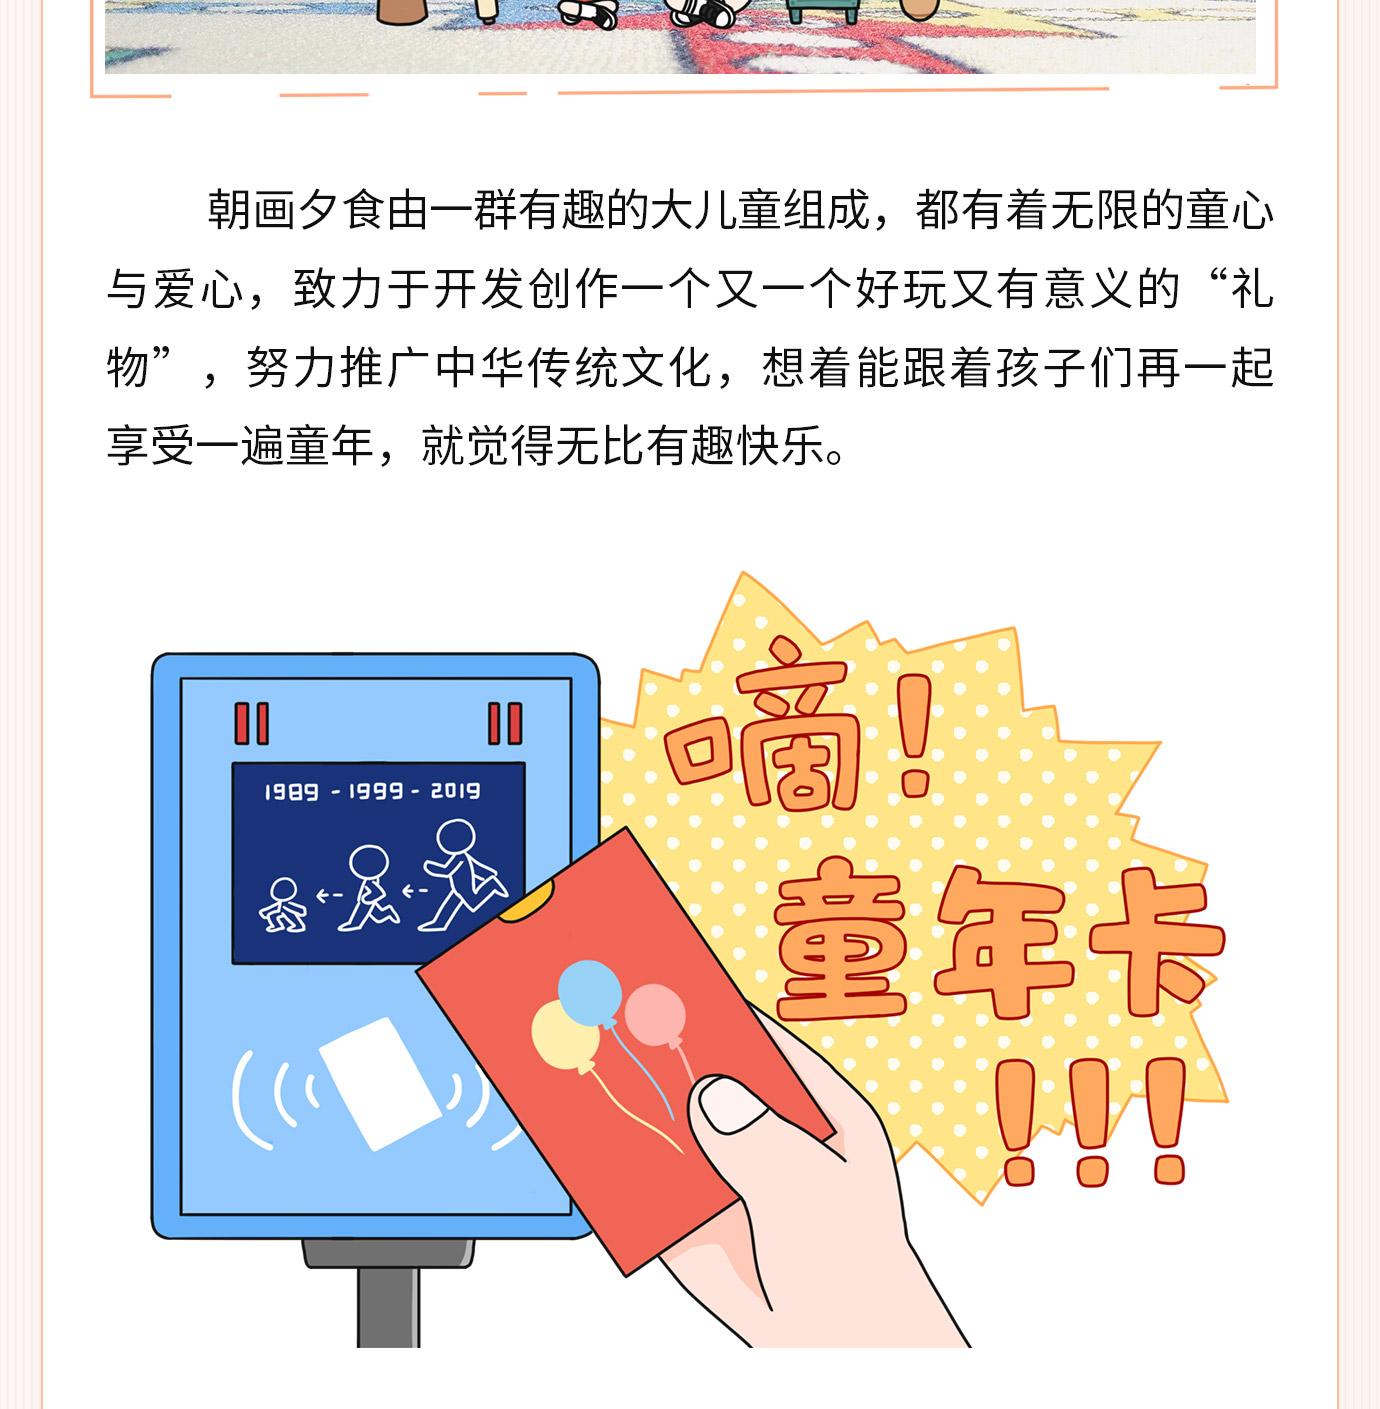 漫话国宝 (3).jpg